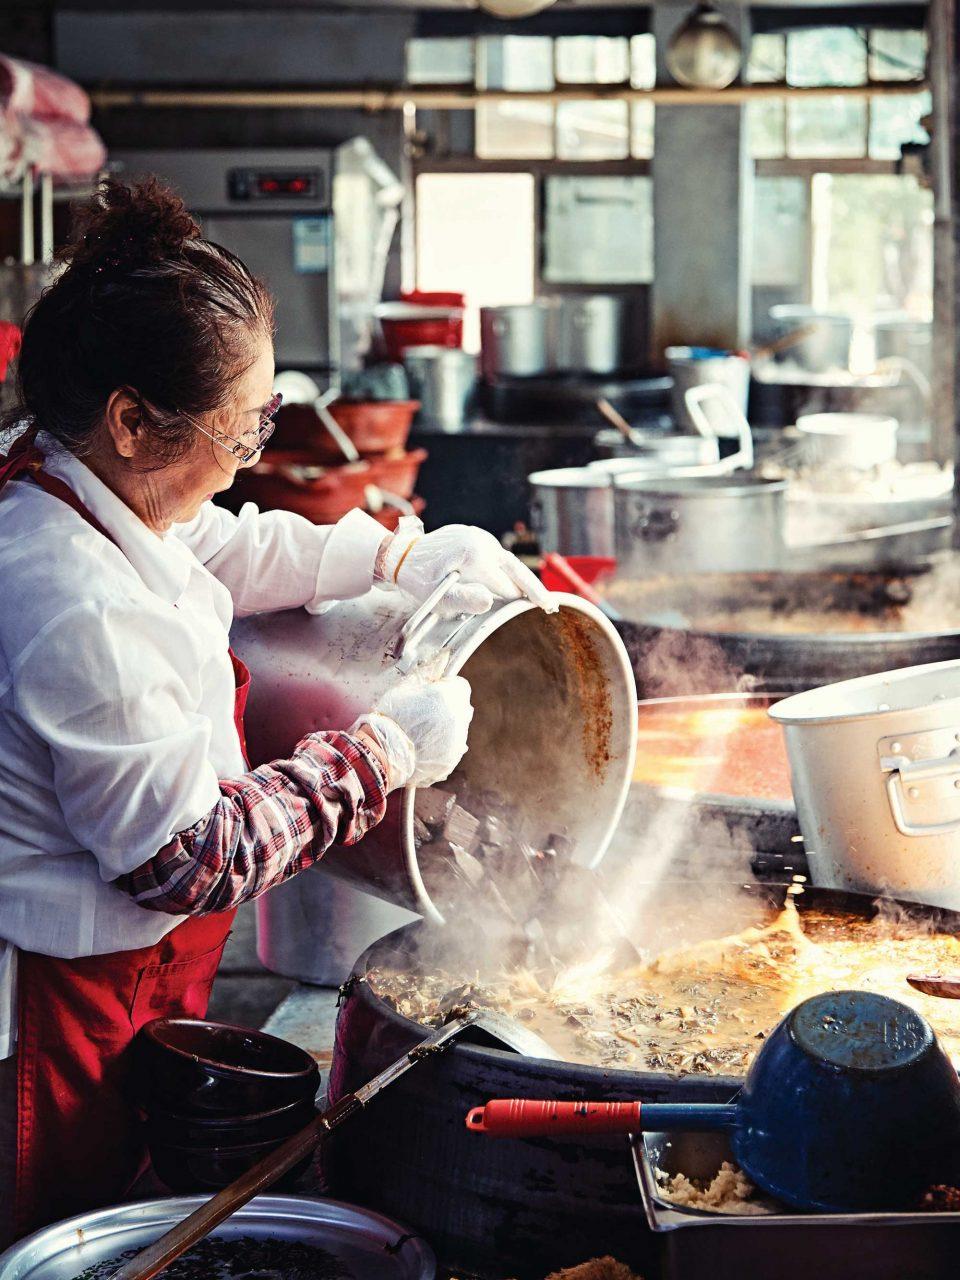 대덕식당의 선짓국에는 24시간 푹 끓인 사골 육수가 들어간다. 대덕식당이 365일 24시간 하루도 쉬지 않는 이유다.